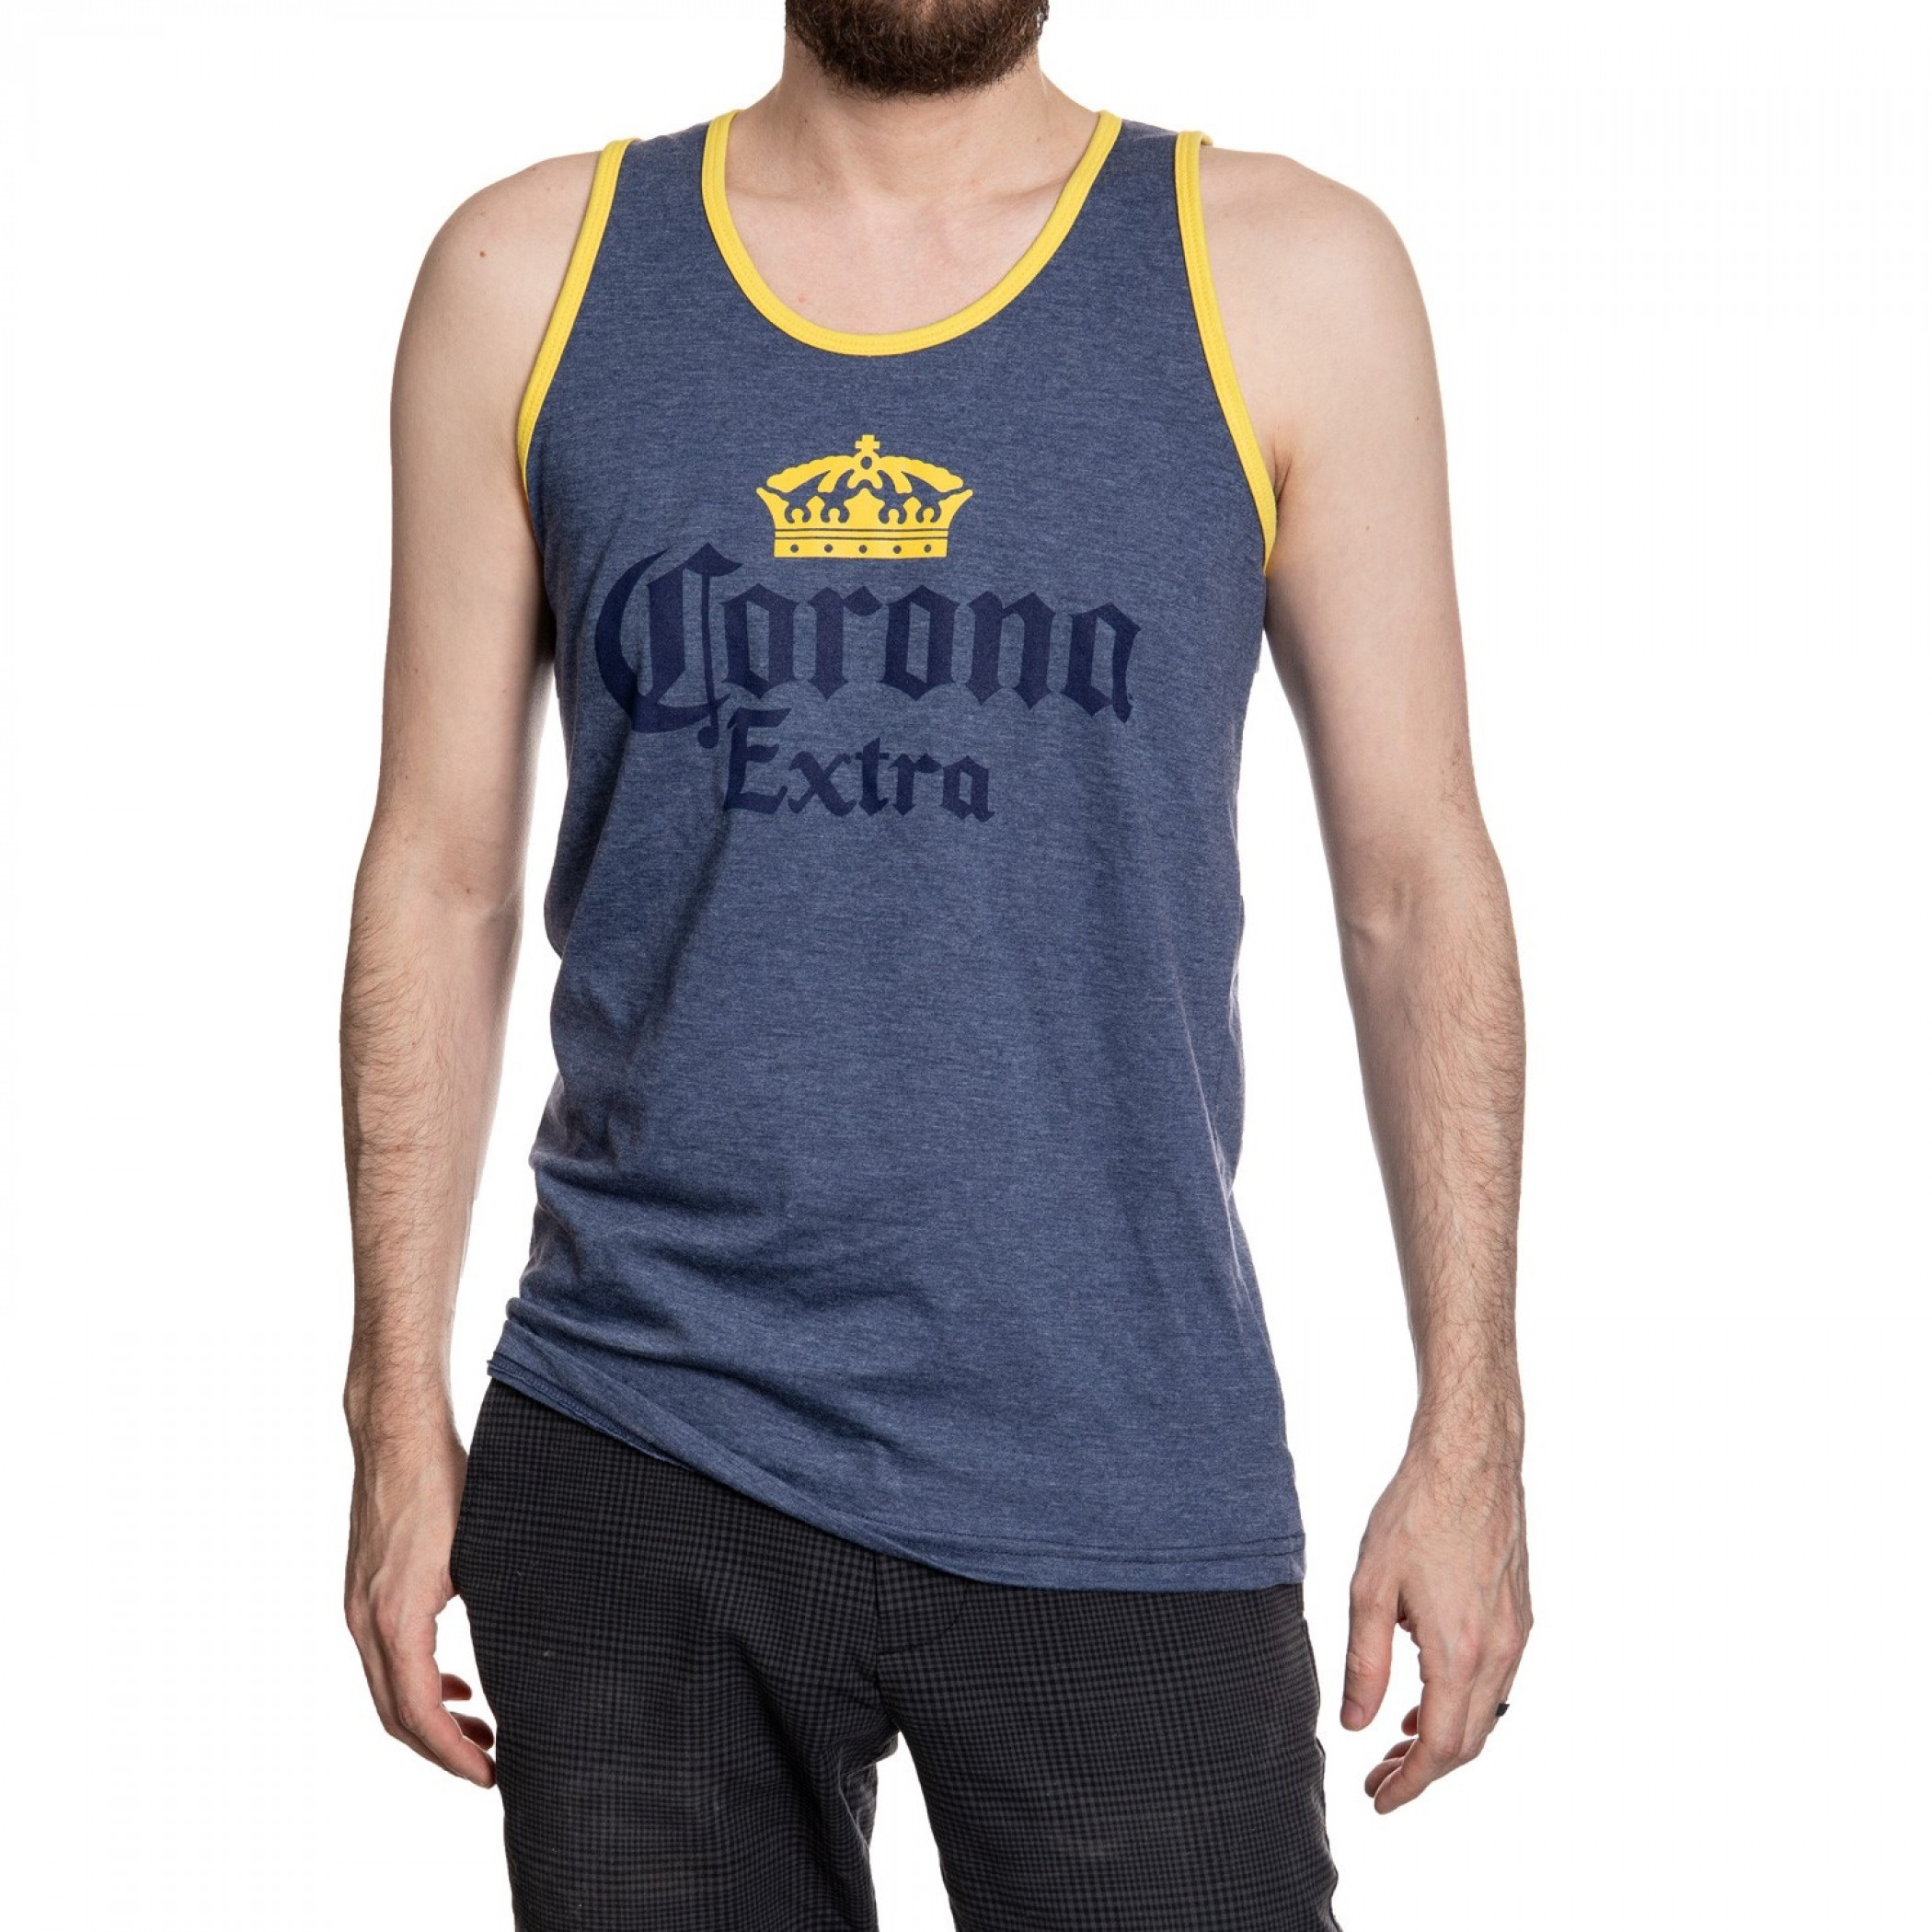 Corona Extra Faded Blue Tank Top